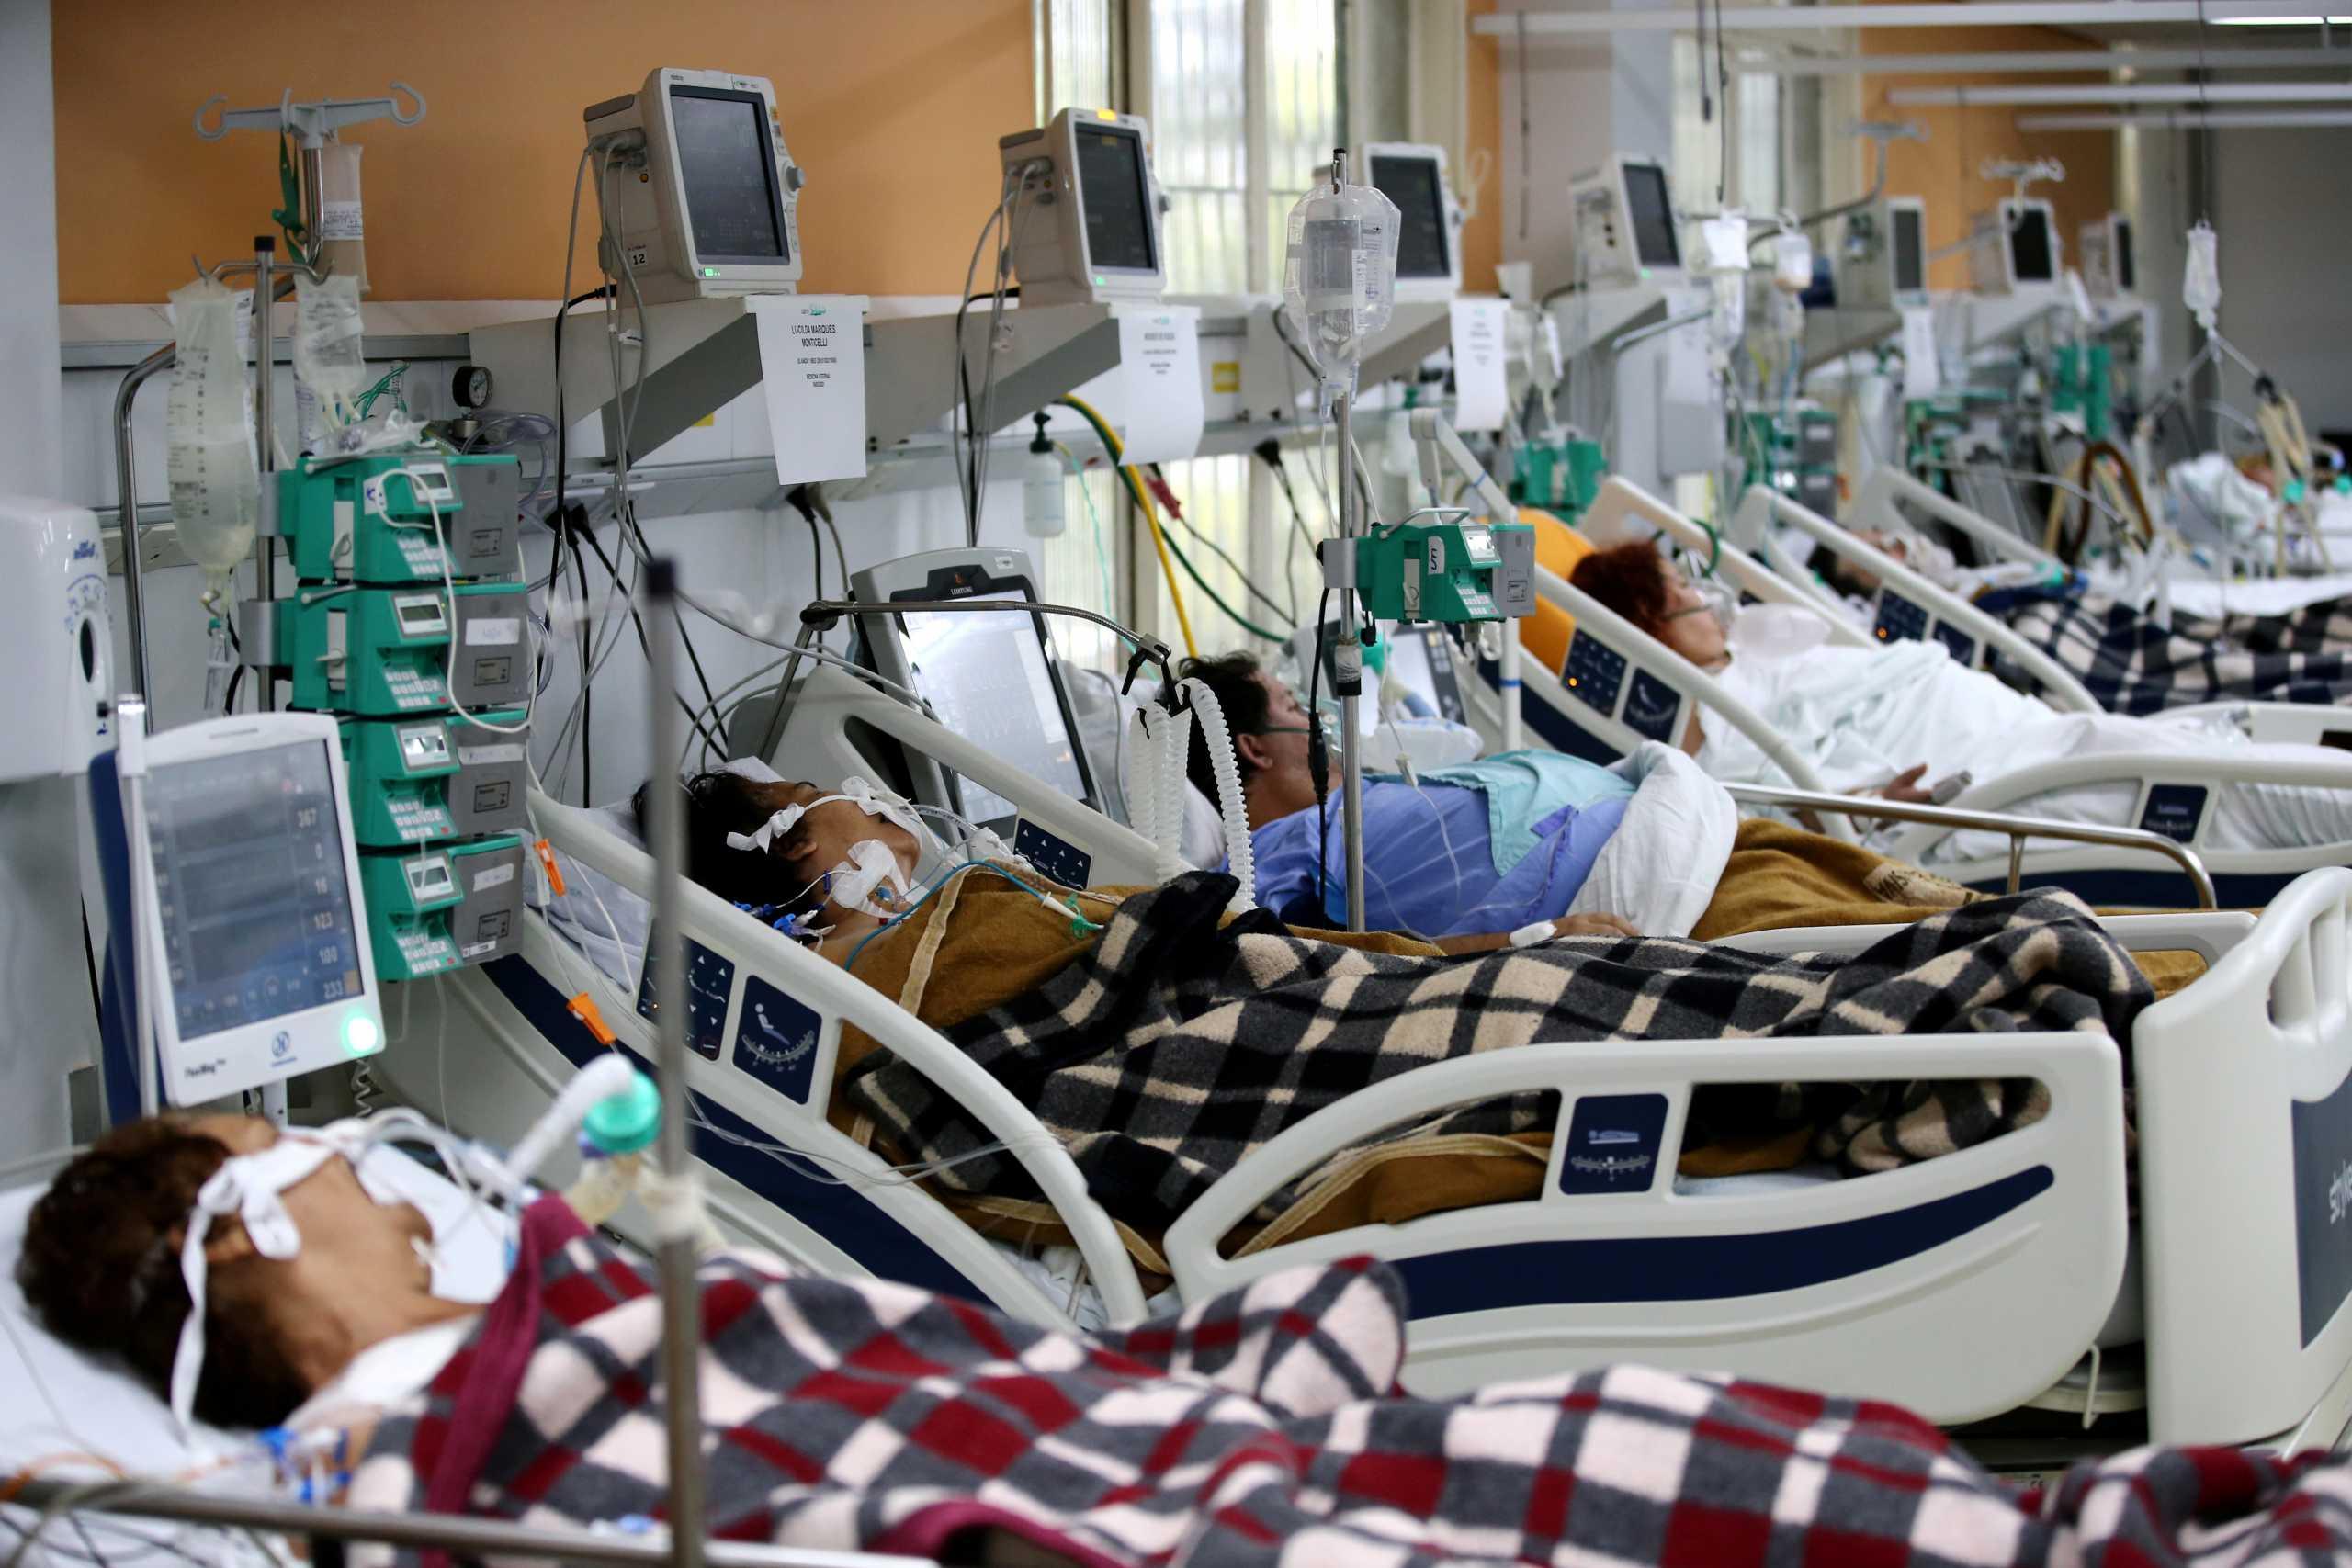 Ο κορονοϊός εξακολουθεί να «σφυροκοπά» τη Λατινική Αμερική: 79.719 κρούσματα σε ένα 24ωρο στην Βραζιλία